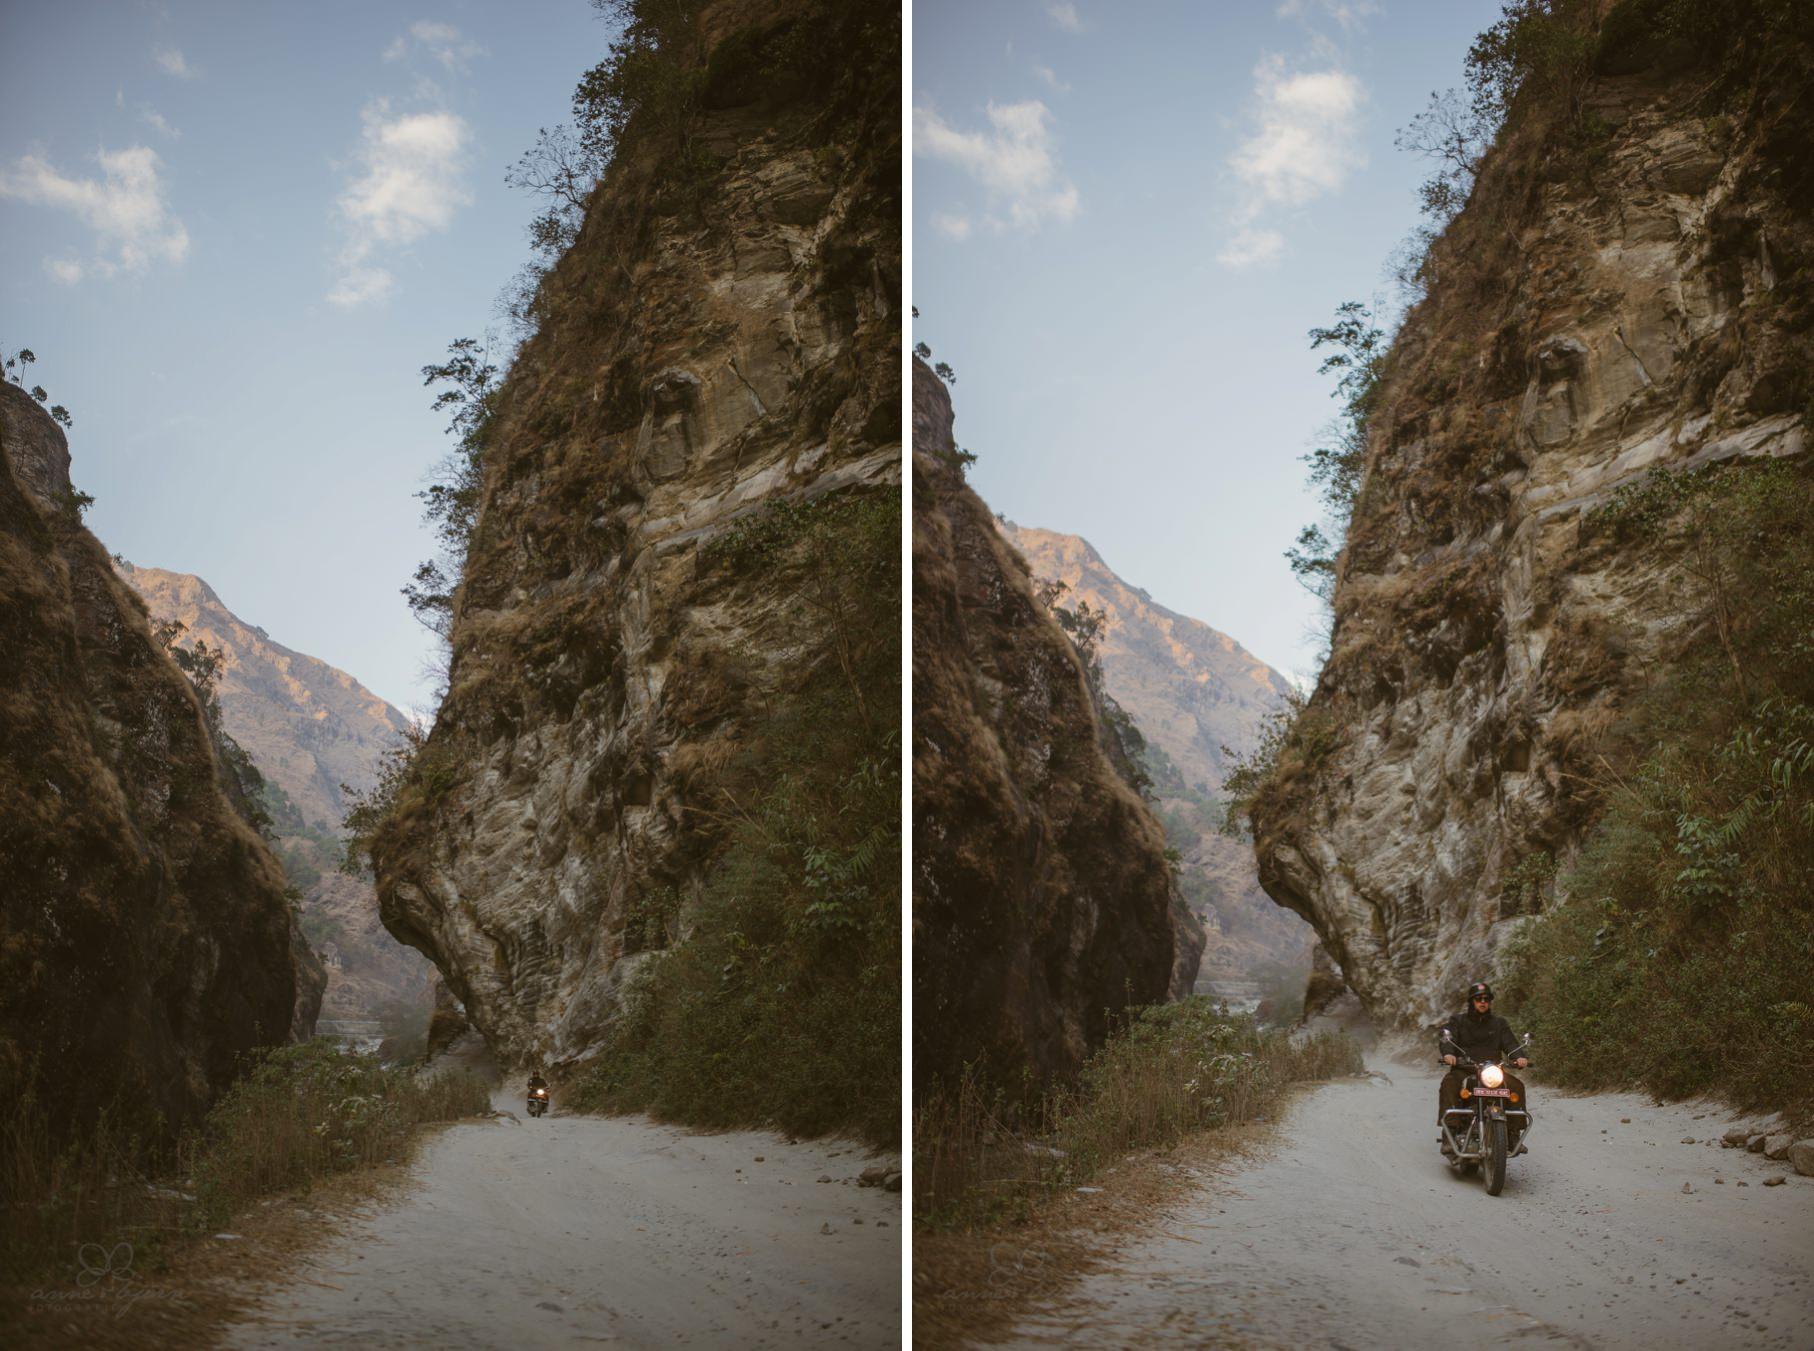 0001 anne und bjoern chitwan nationalpark nepal d75 3256 2 - Nepal Teil 3 - Roadtrip, Chitwan Nationalpark und eine spontane Hochzeit